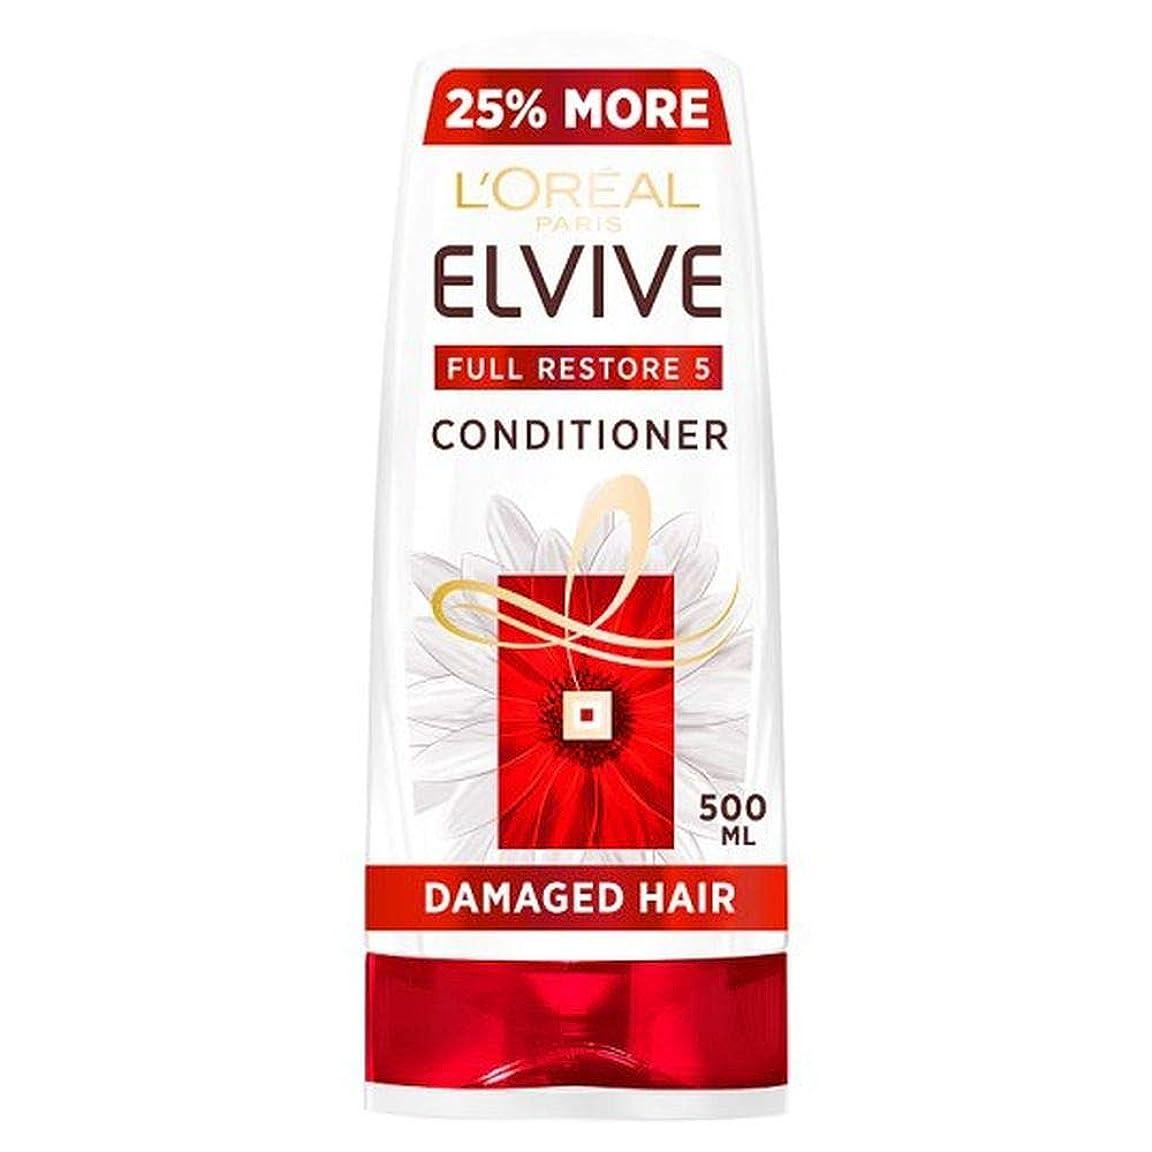 晩ごはんゴム無力[Elvive] ロレアルElvive極度のダメージヘアコンディショナー500ミリリットル - L'oreal Elvive Extreme Damaged Hair Conditioner 500Ml [並行輸入品]